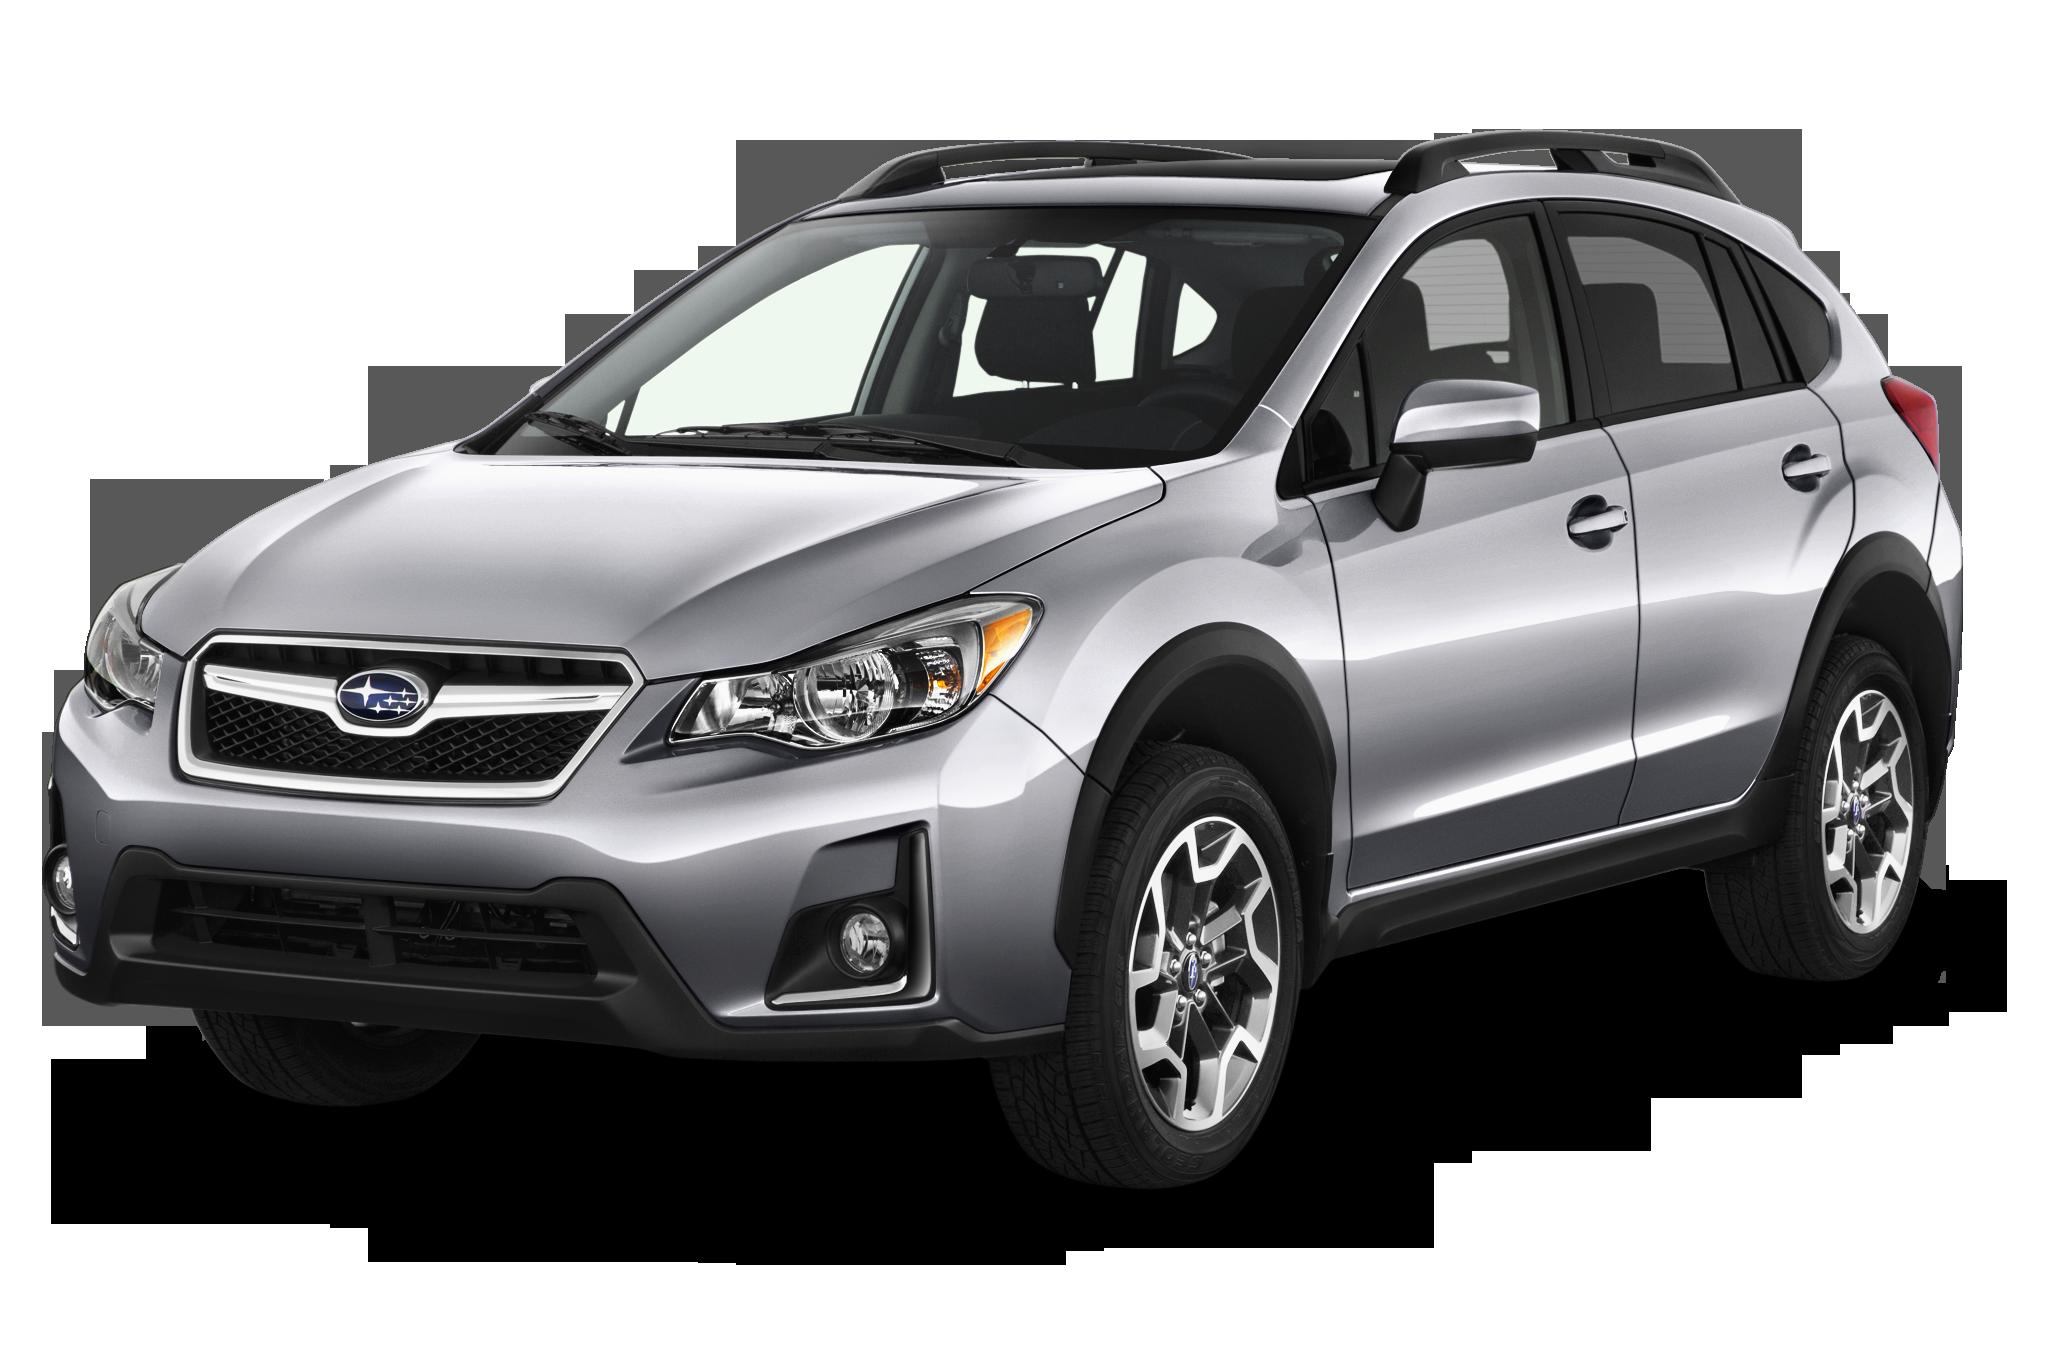 Subaru XV I 2011 - 2016 SUV 5 door #6